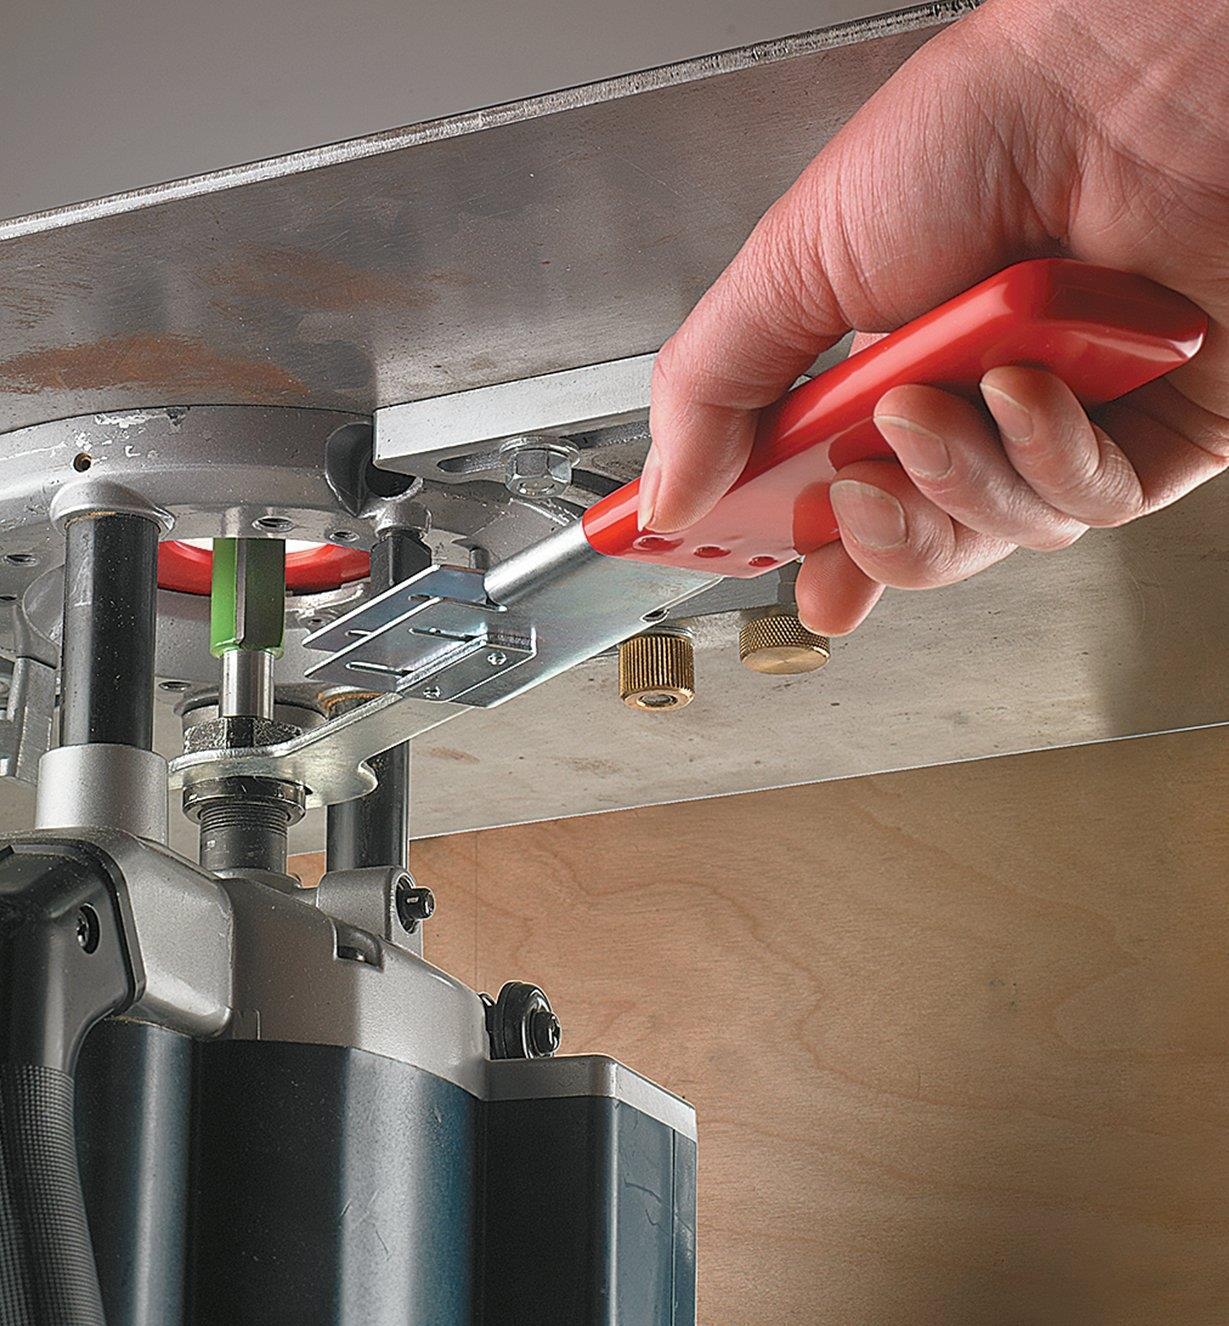 09A0501 - Rallonge pour clé de machines-outils